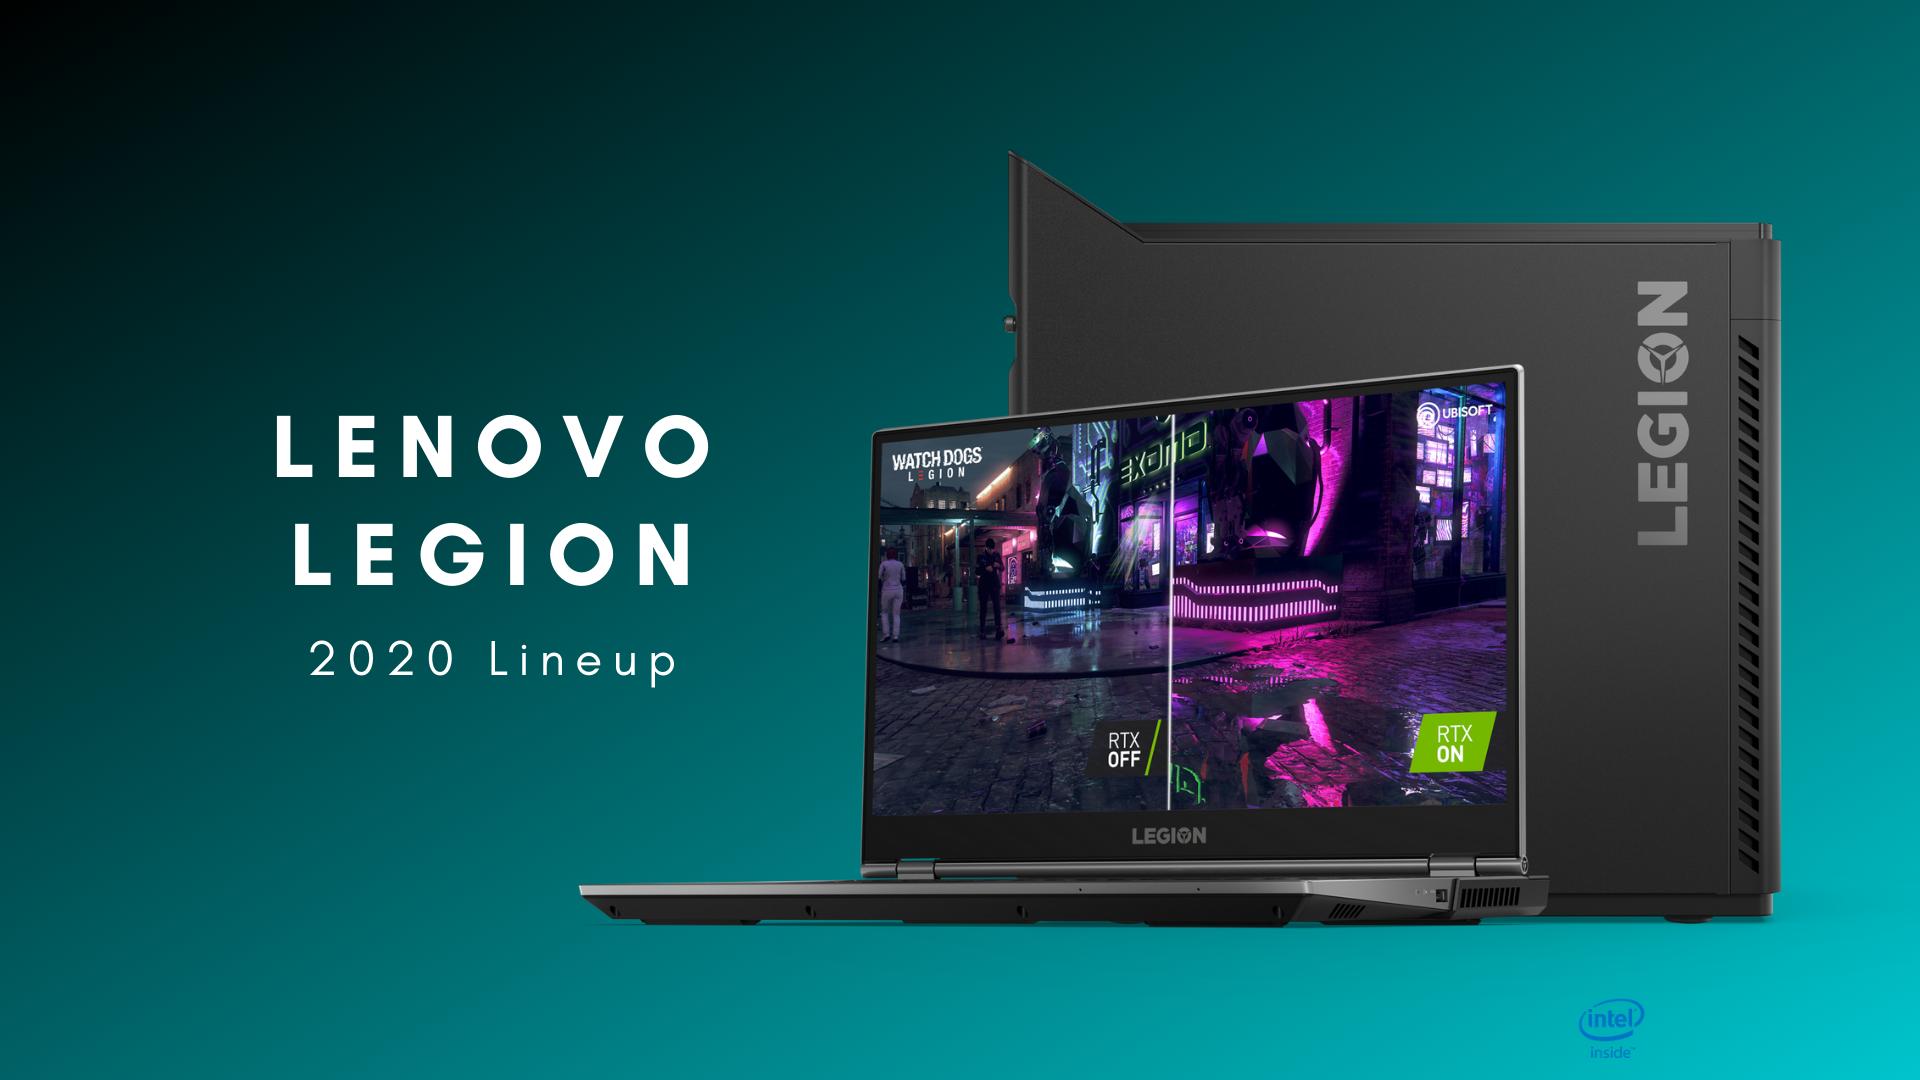 Lenovo Legion 2020